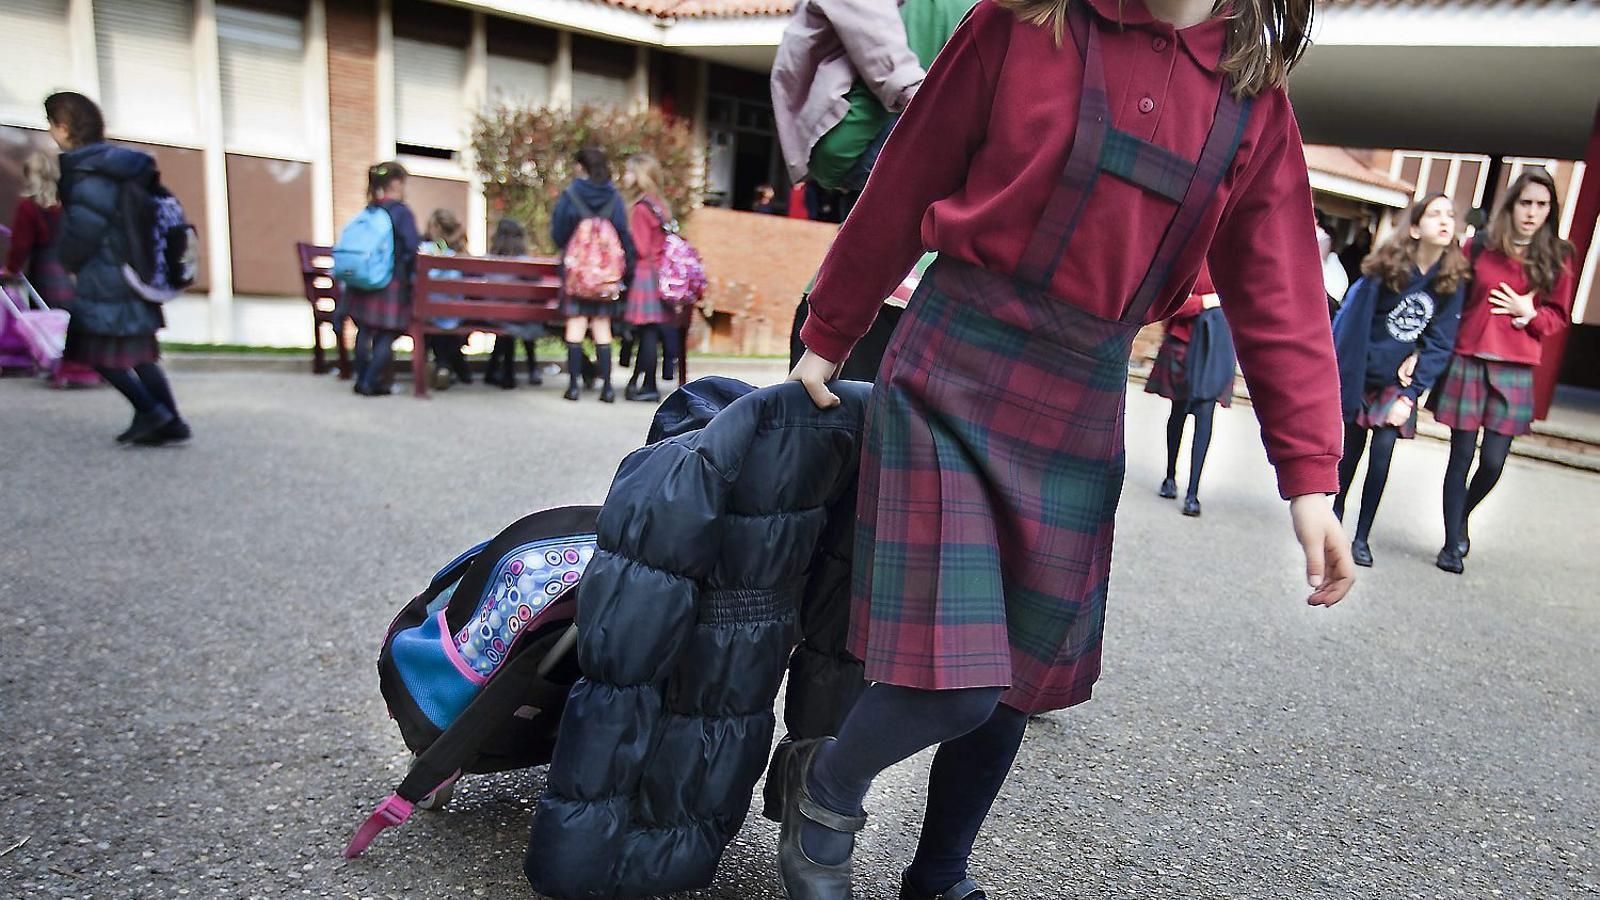 Més extraescolars no milloren  el rendiment acadèmic del menor, però  sí la seva actitud cap a l'aprenentatge, segons diversos estudis.